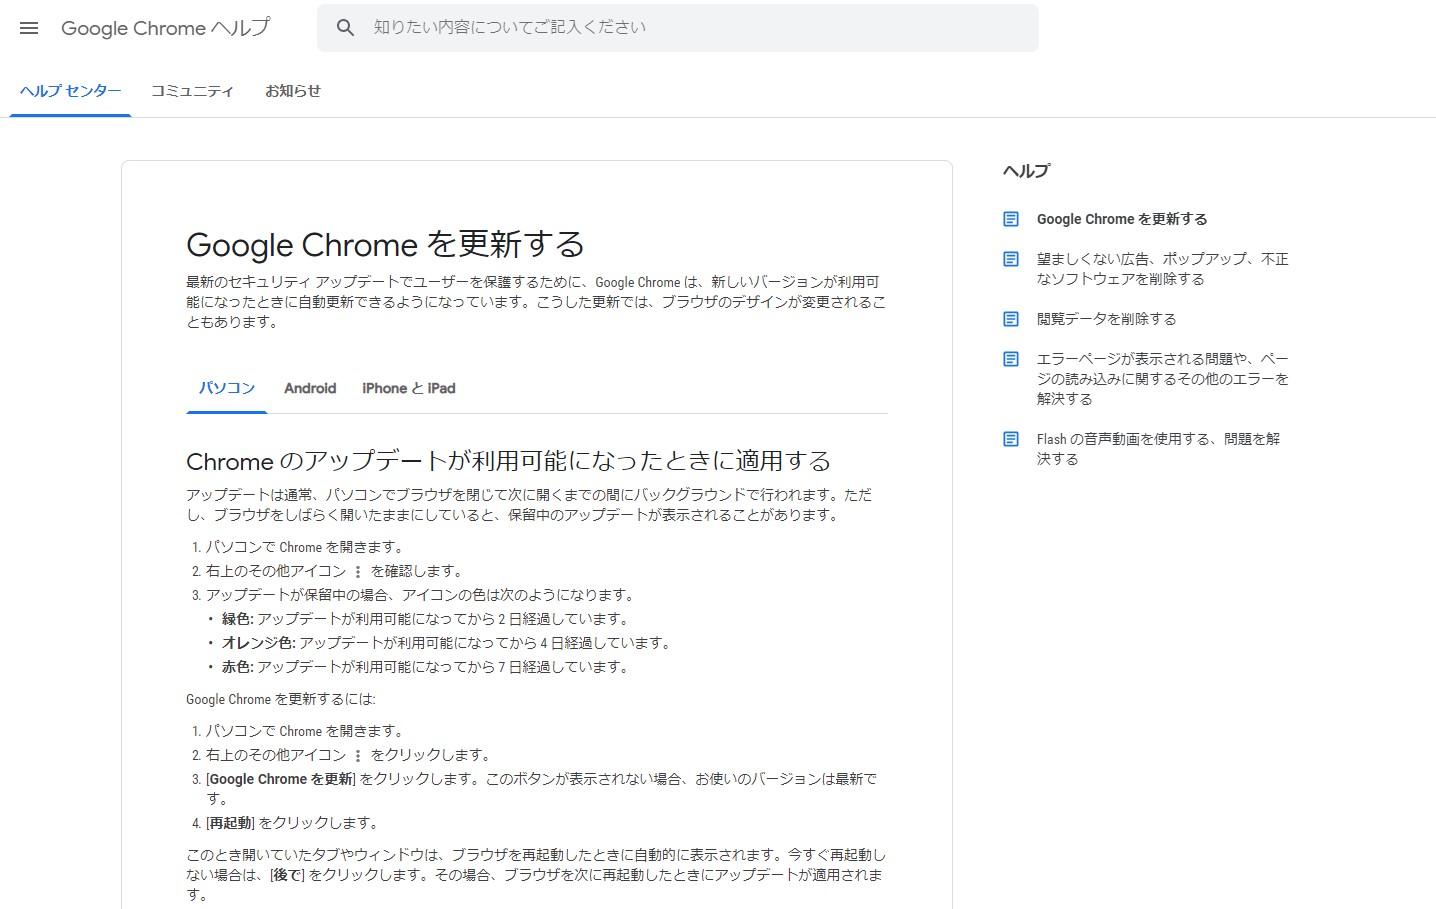 GoogleChromeヘルプ